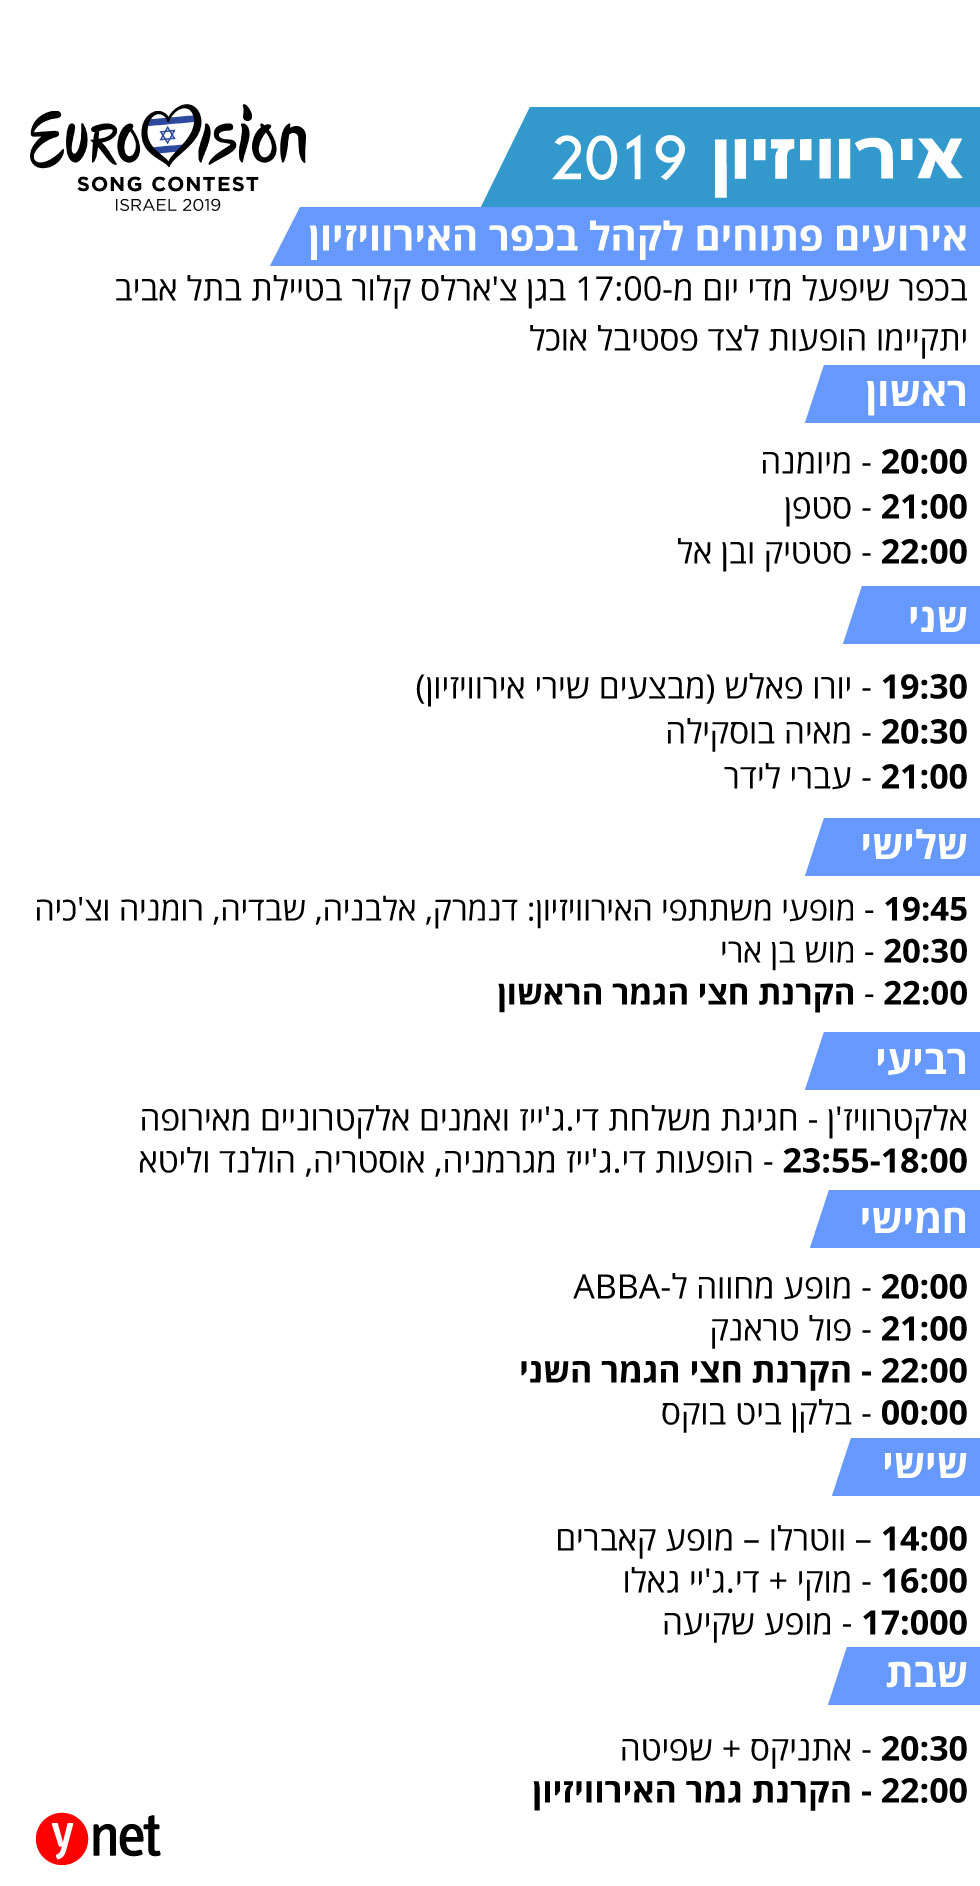 אירועים פתוחים לקהל בשבוע האירווזיון ()